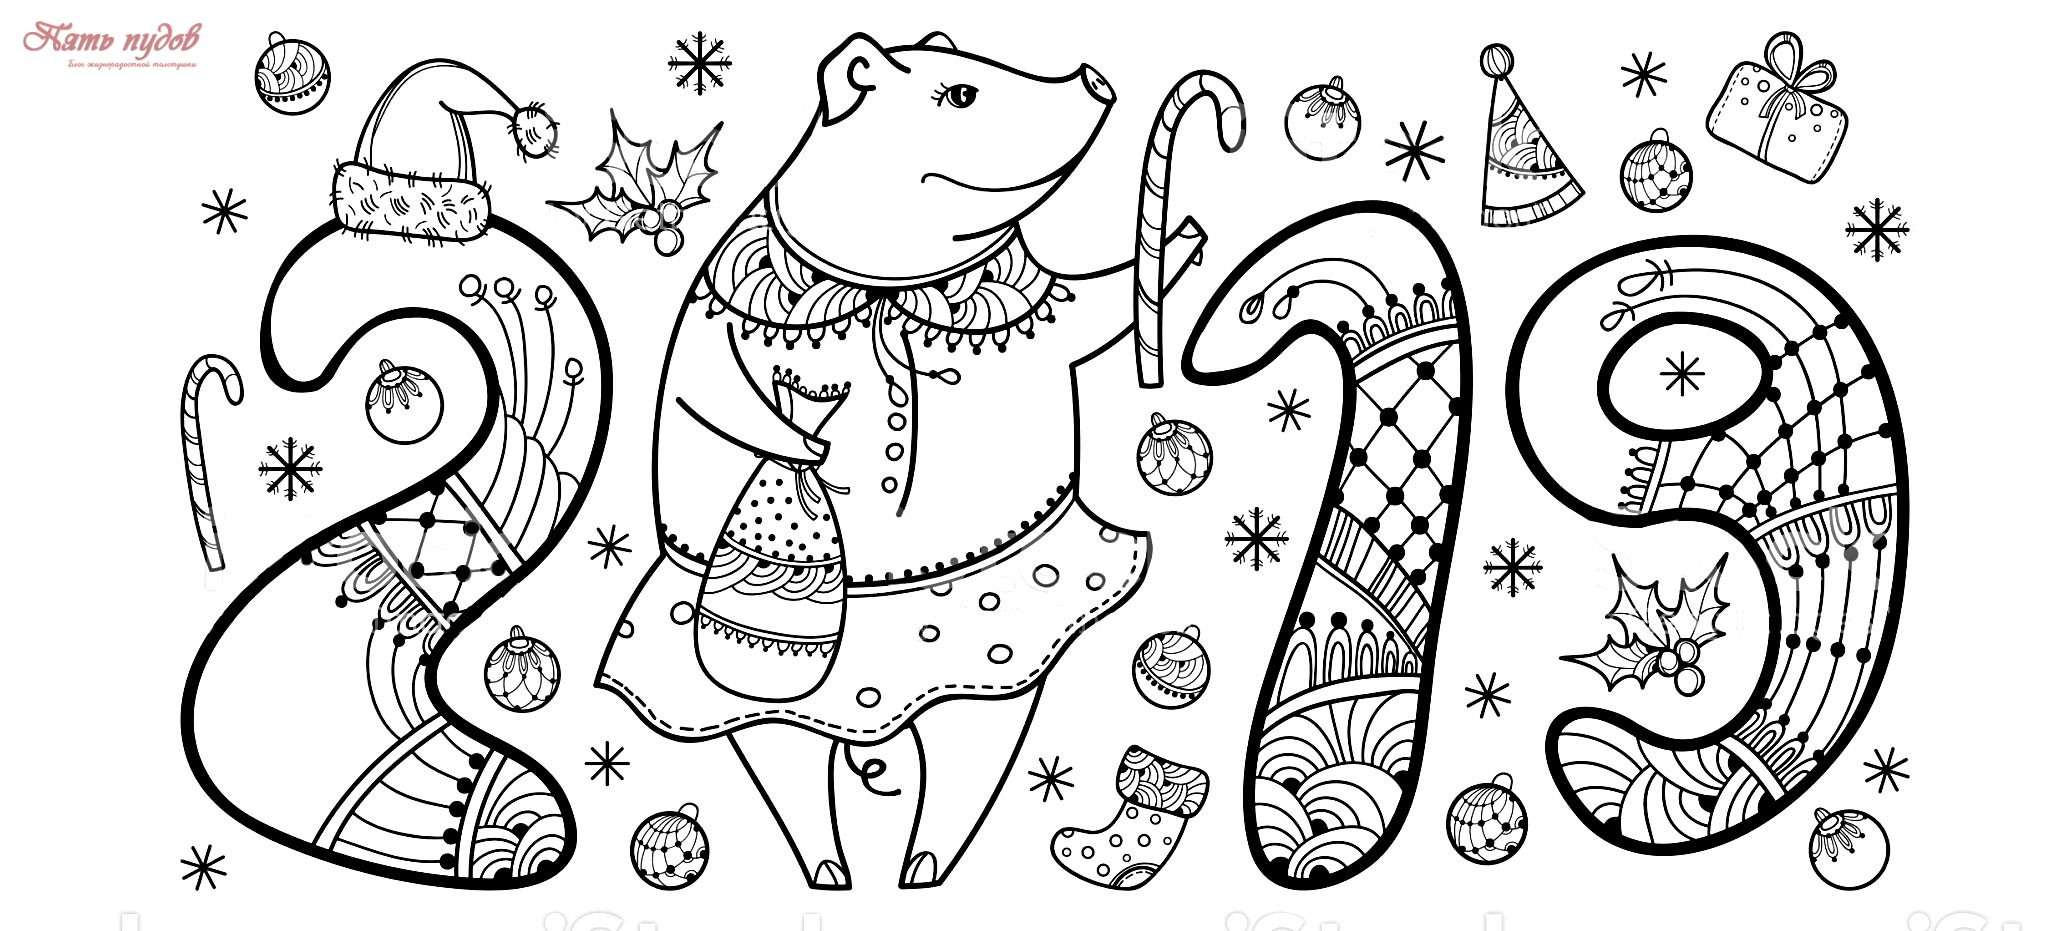 Распечатать раскраски свиньи на новый год